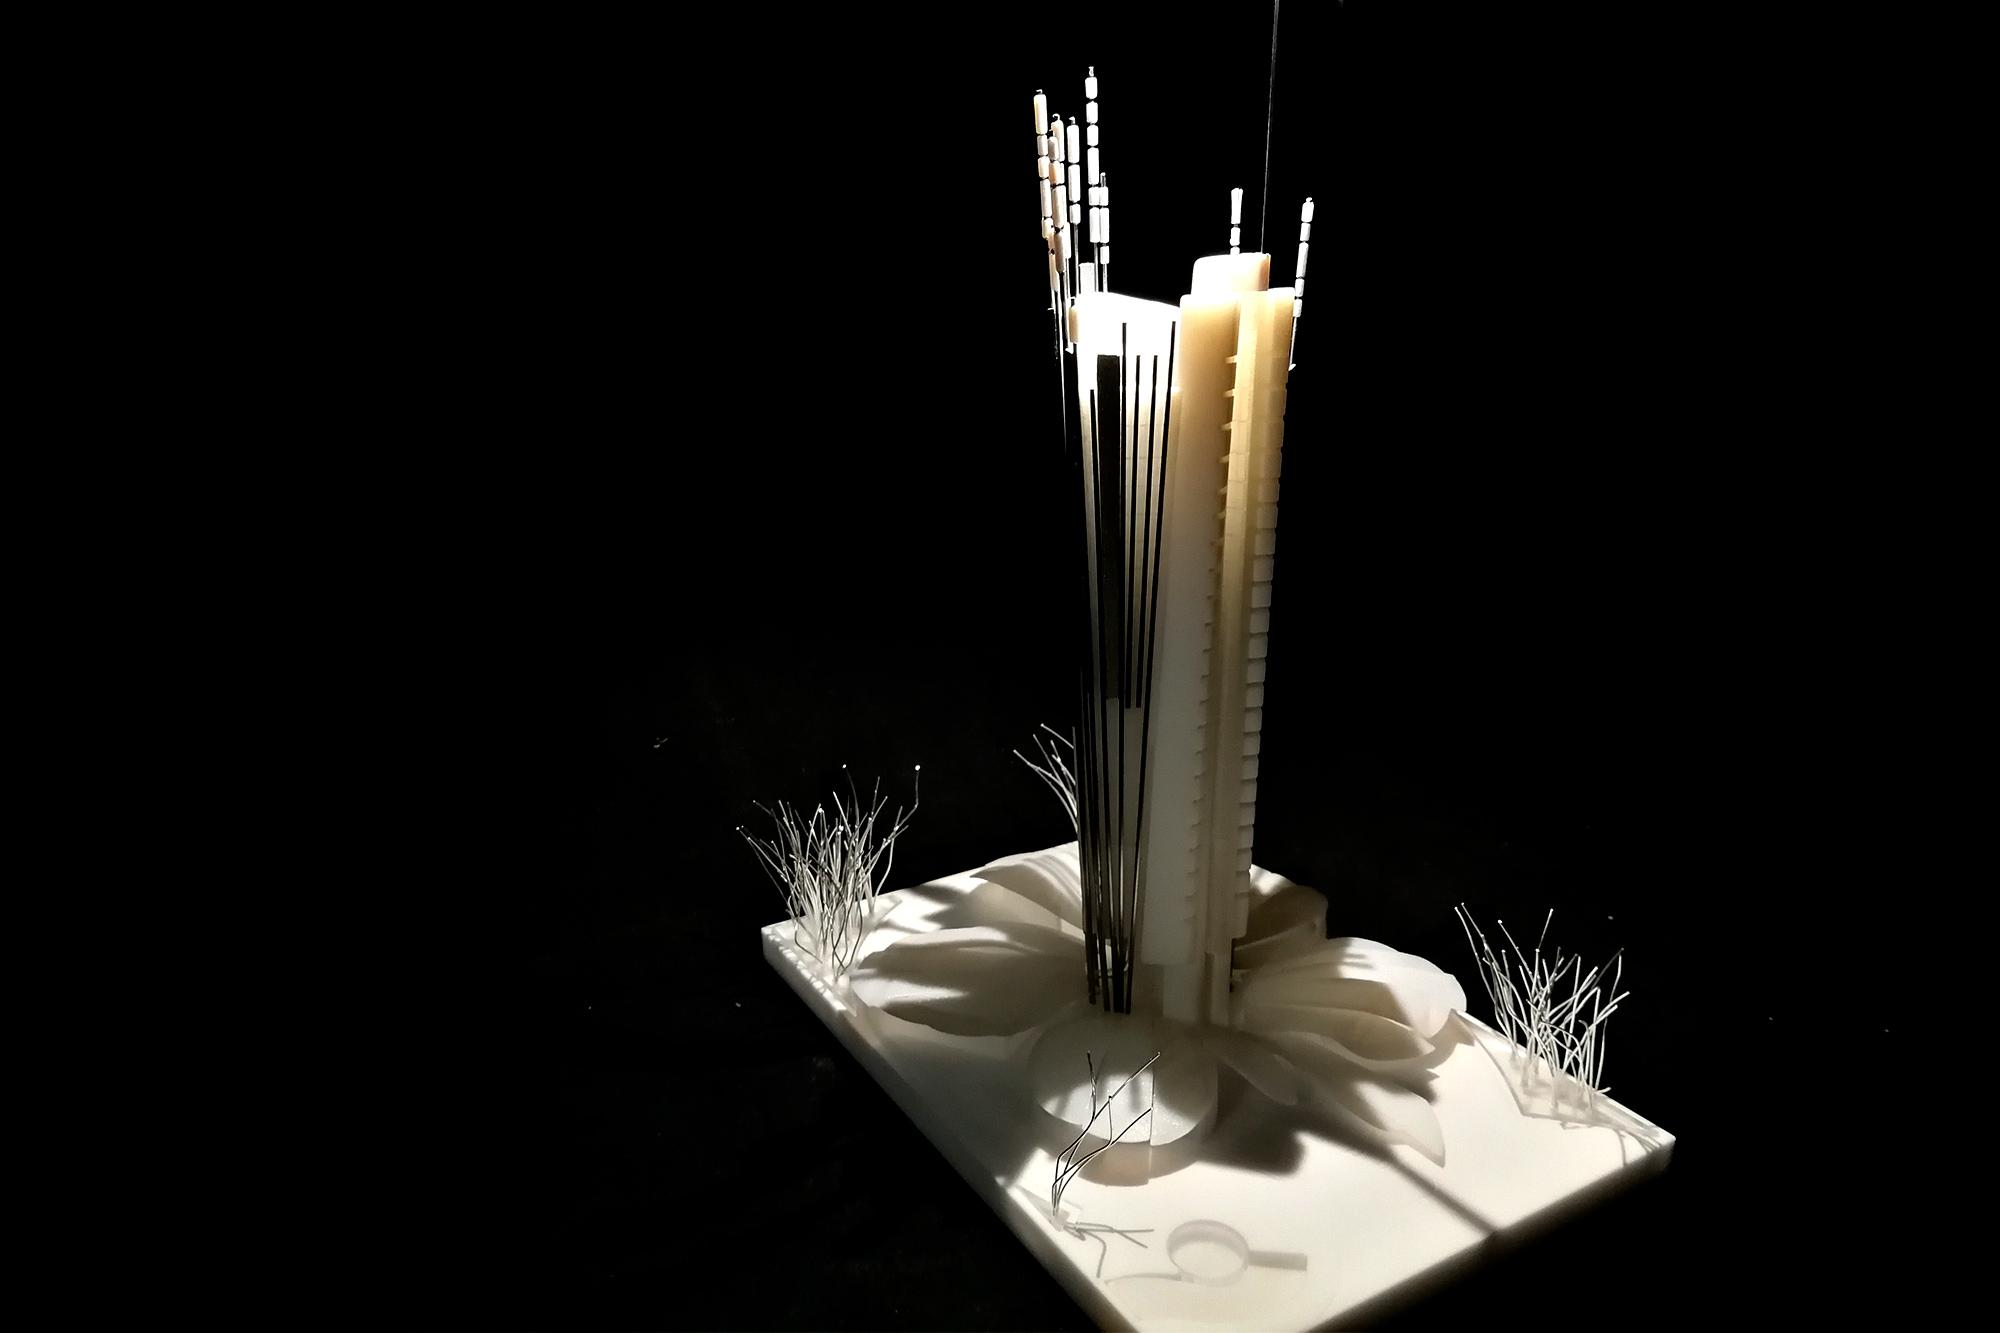 Maqueta de arquitectura realizada con fabricación digital por EXarchitects para Andrés Perea, Elena Suárez y Rafael Torrelo Arquitectos